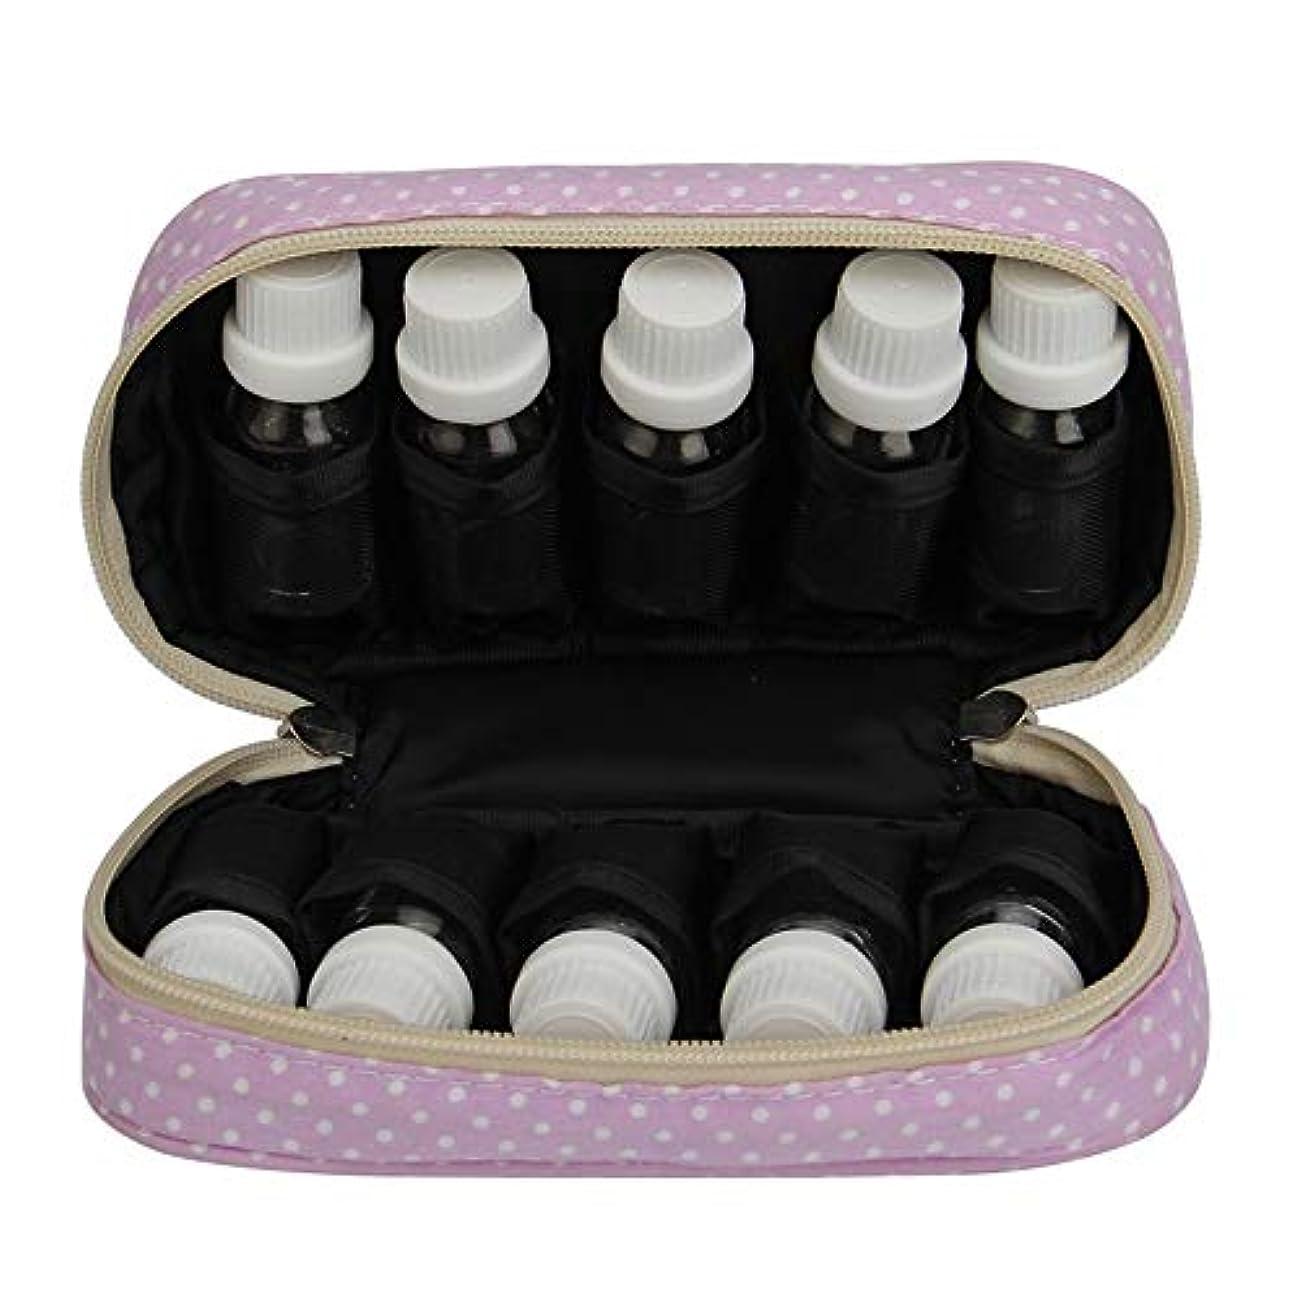 コメントおとなしい太いエッセンシャルオイルボックス 10本のボトル10-15ML保存袋は、袋の主催油のスーツケースを移動します アロマセラピー収納ボックス (色 : 紫の, サイズ : 18.5X11X5CM)